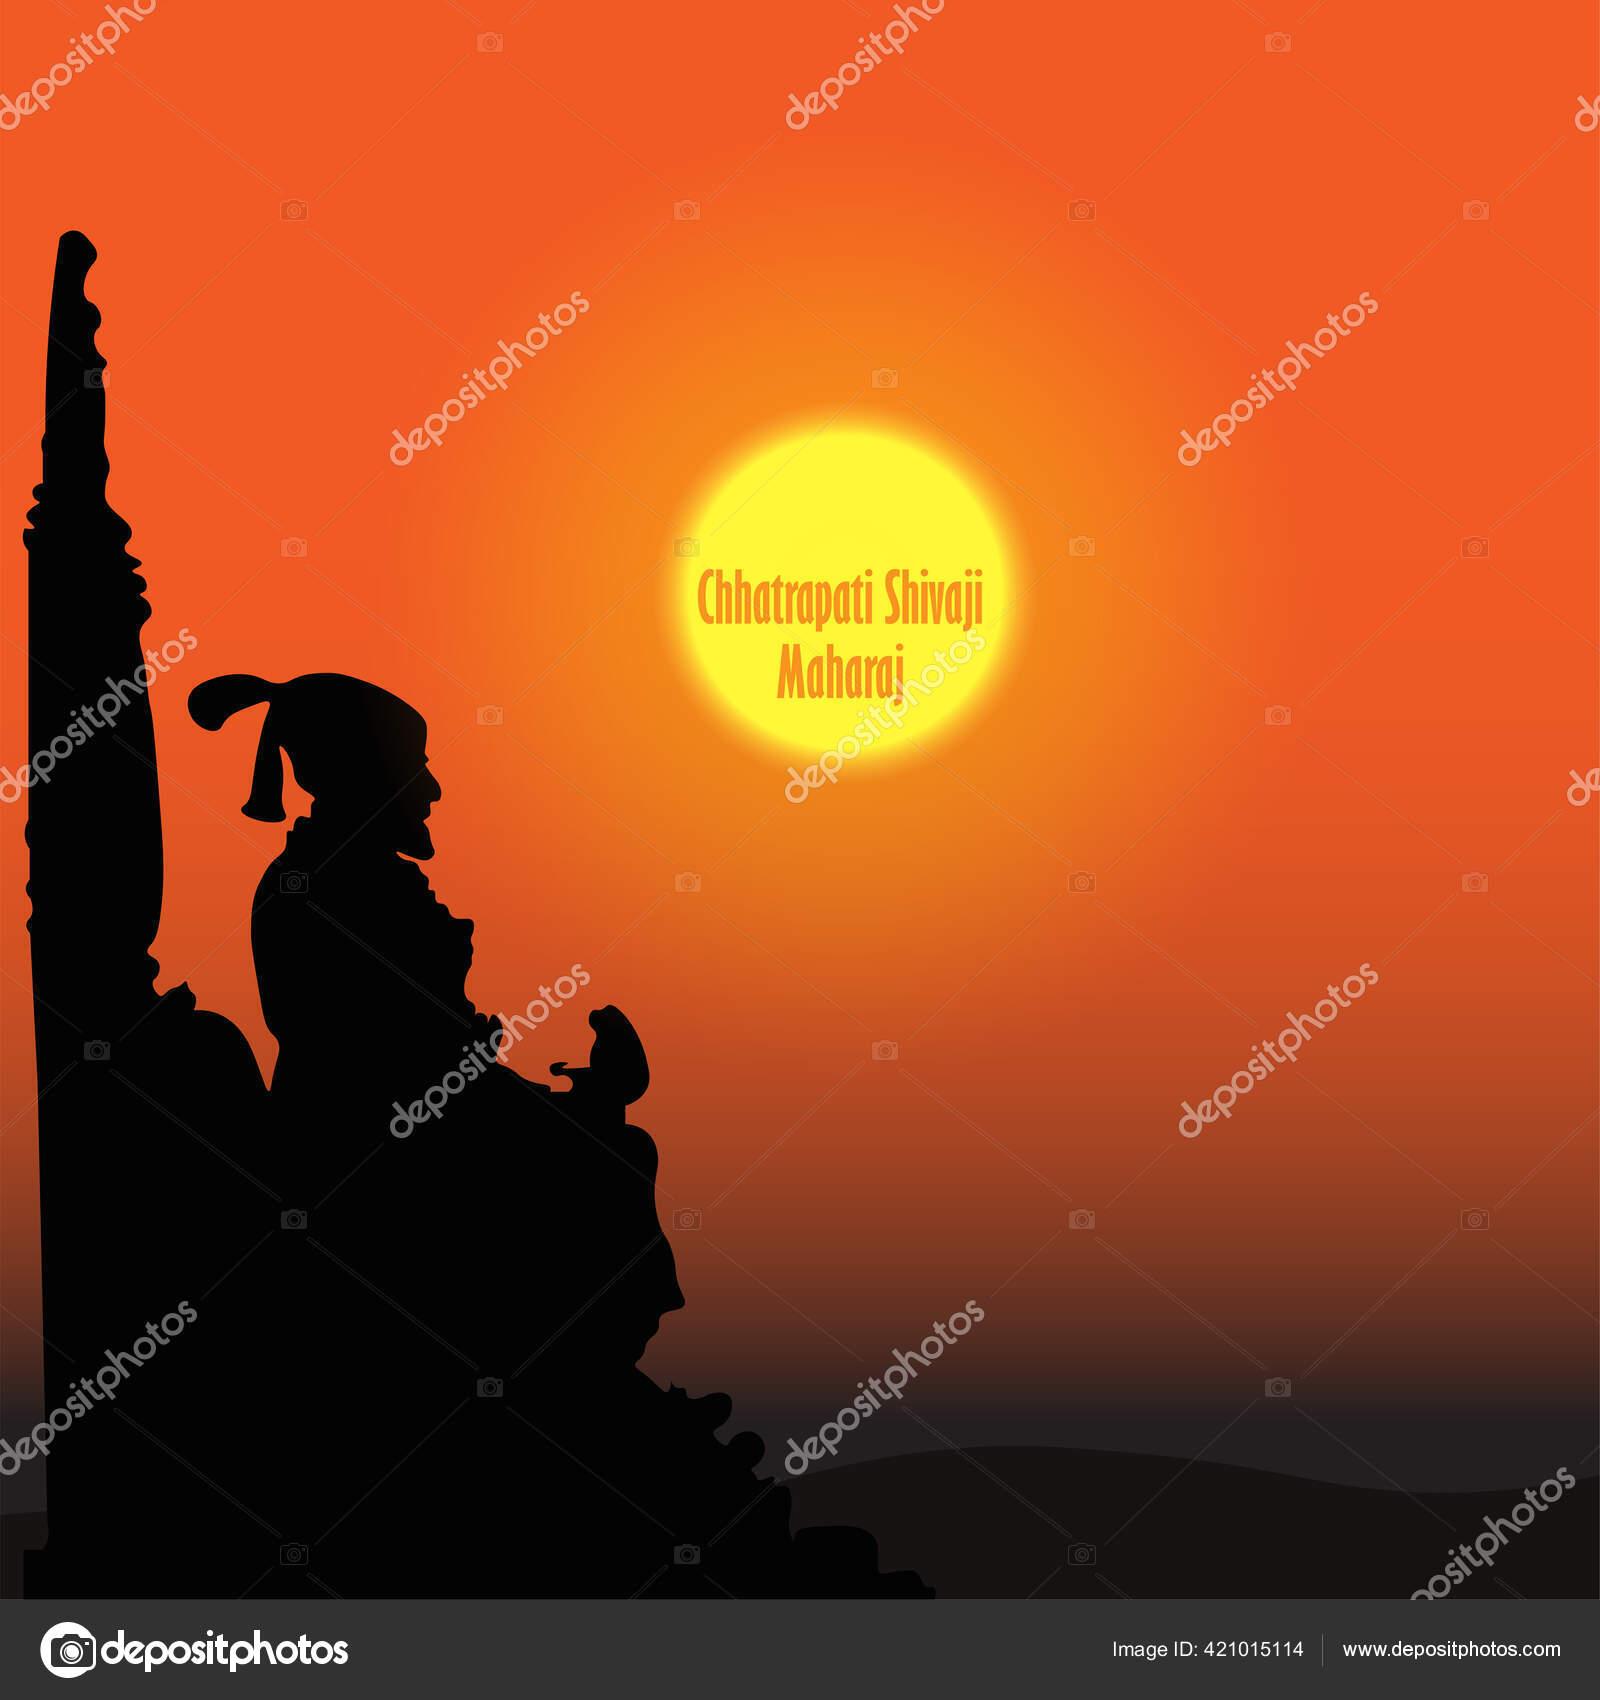 Vektorgrafiken Shivaji maharaja Vektorbilder Shivaji maharaja ...